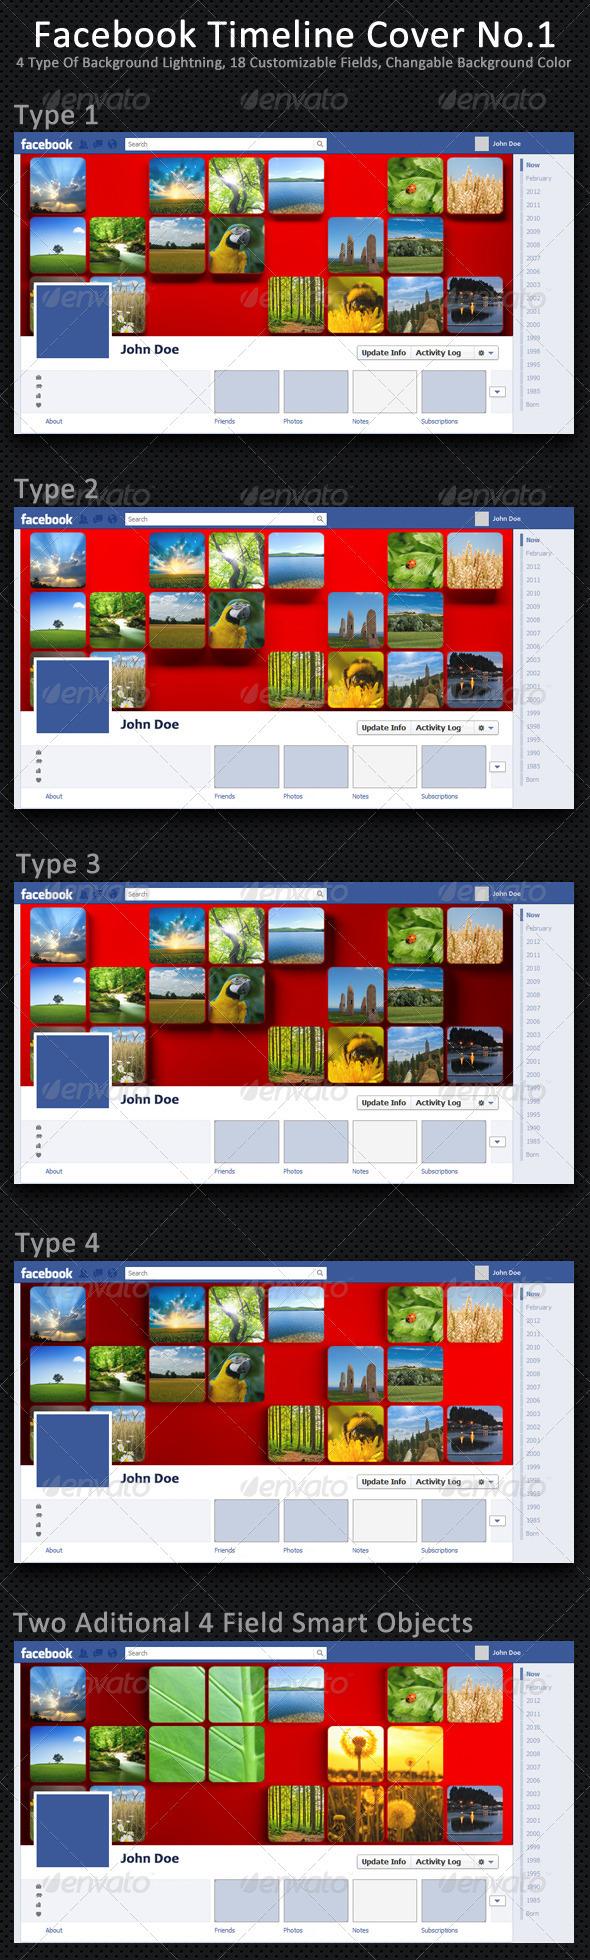 Facebook Timeline Cover No.1 - Facebook Timeline Covers Social Media